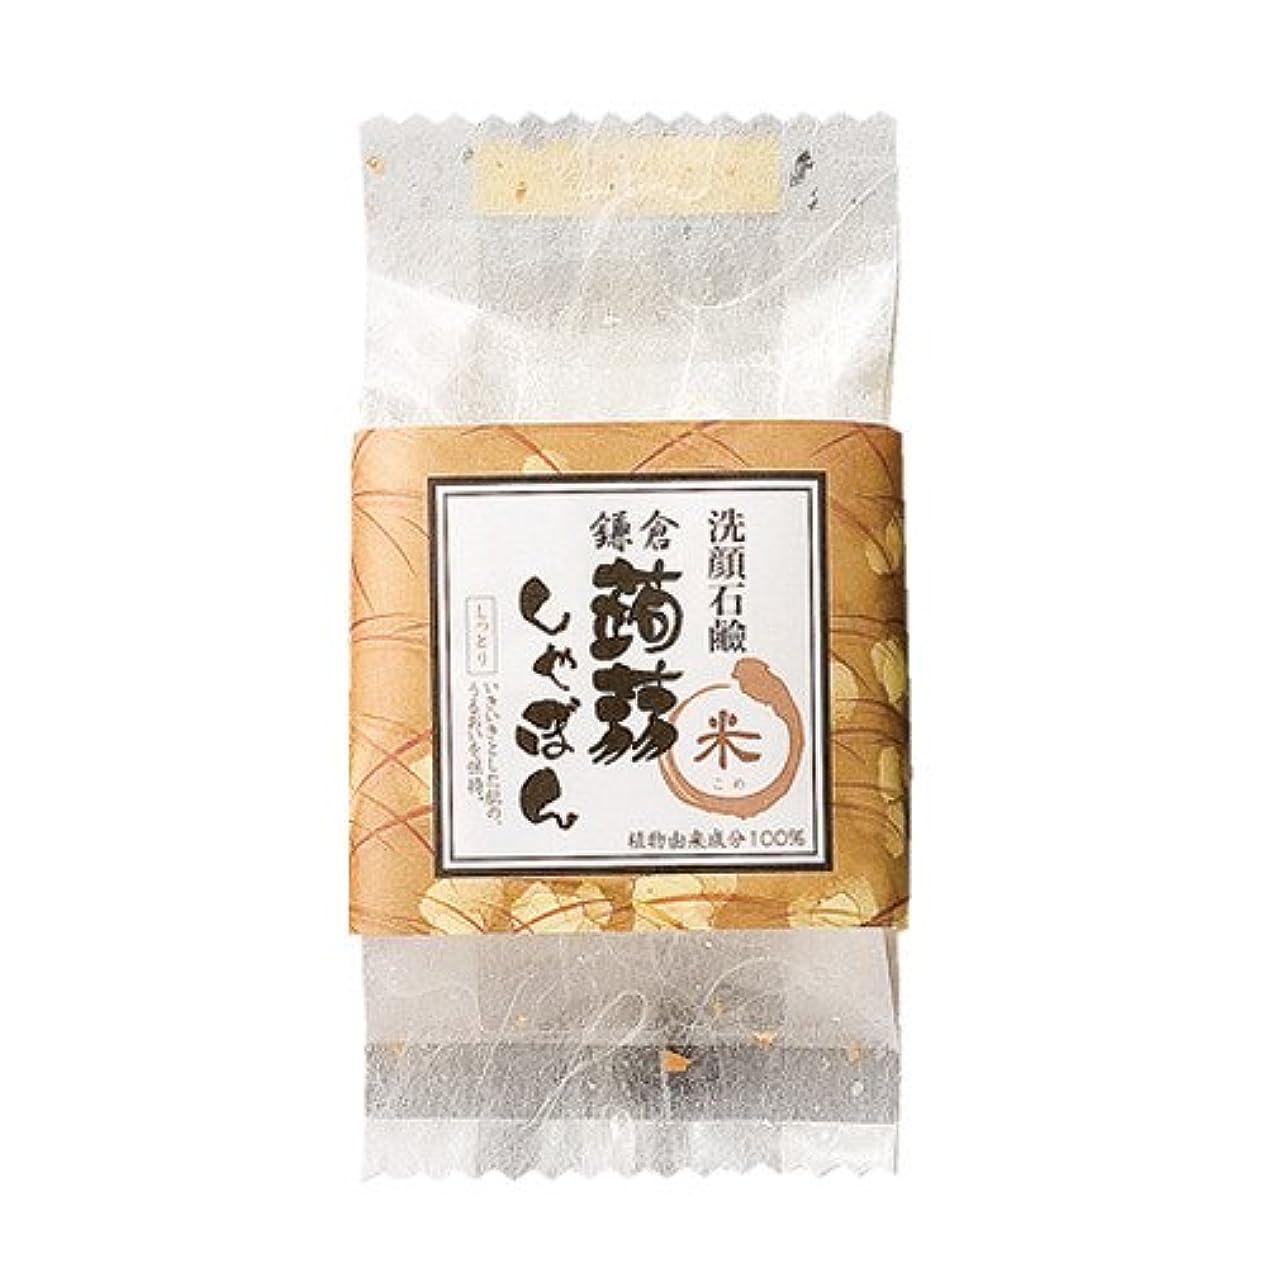 滑る不規則な汚れる鎌倉 蒟蒻しゃぼん 米